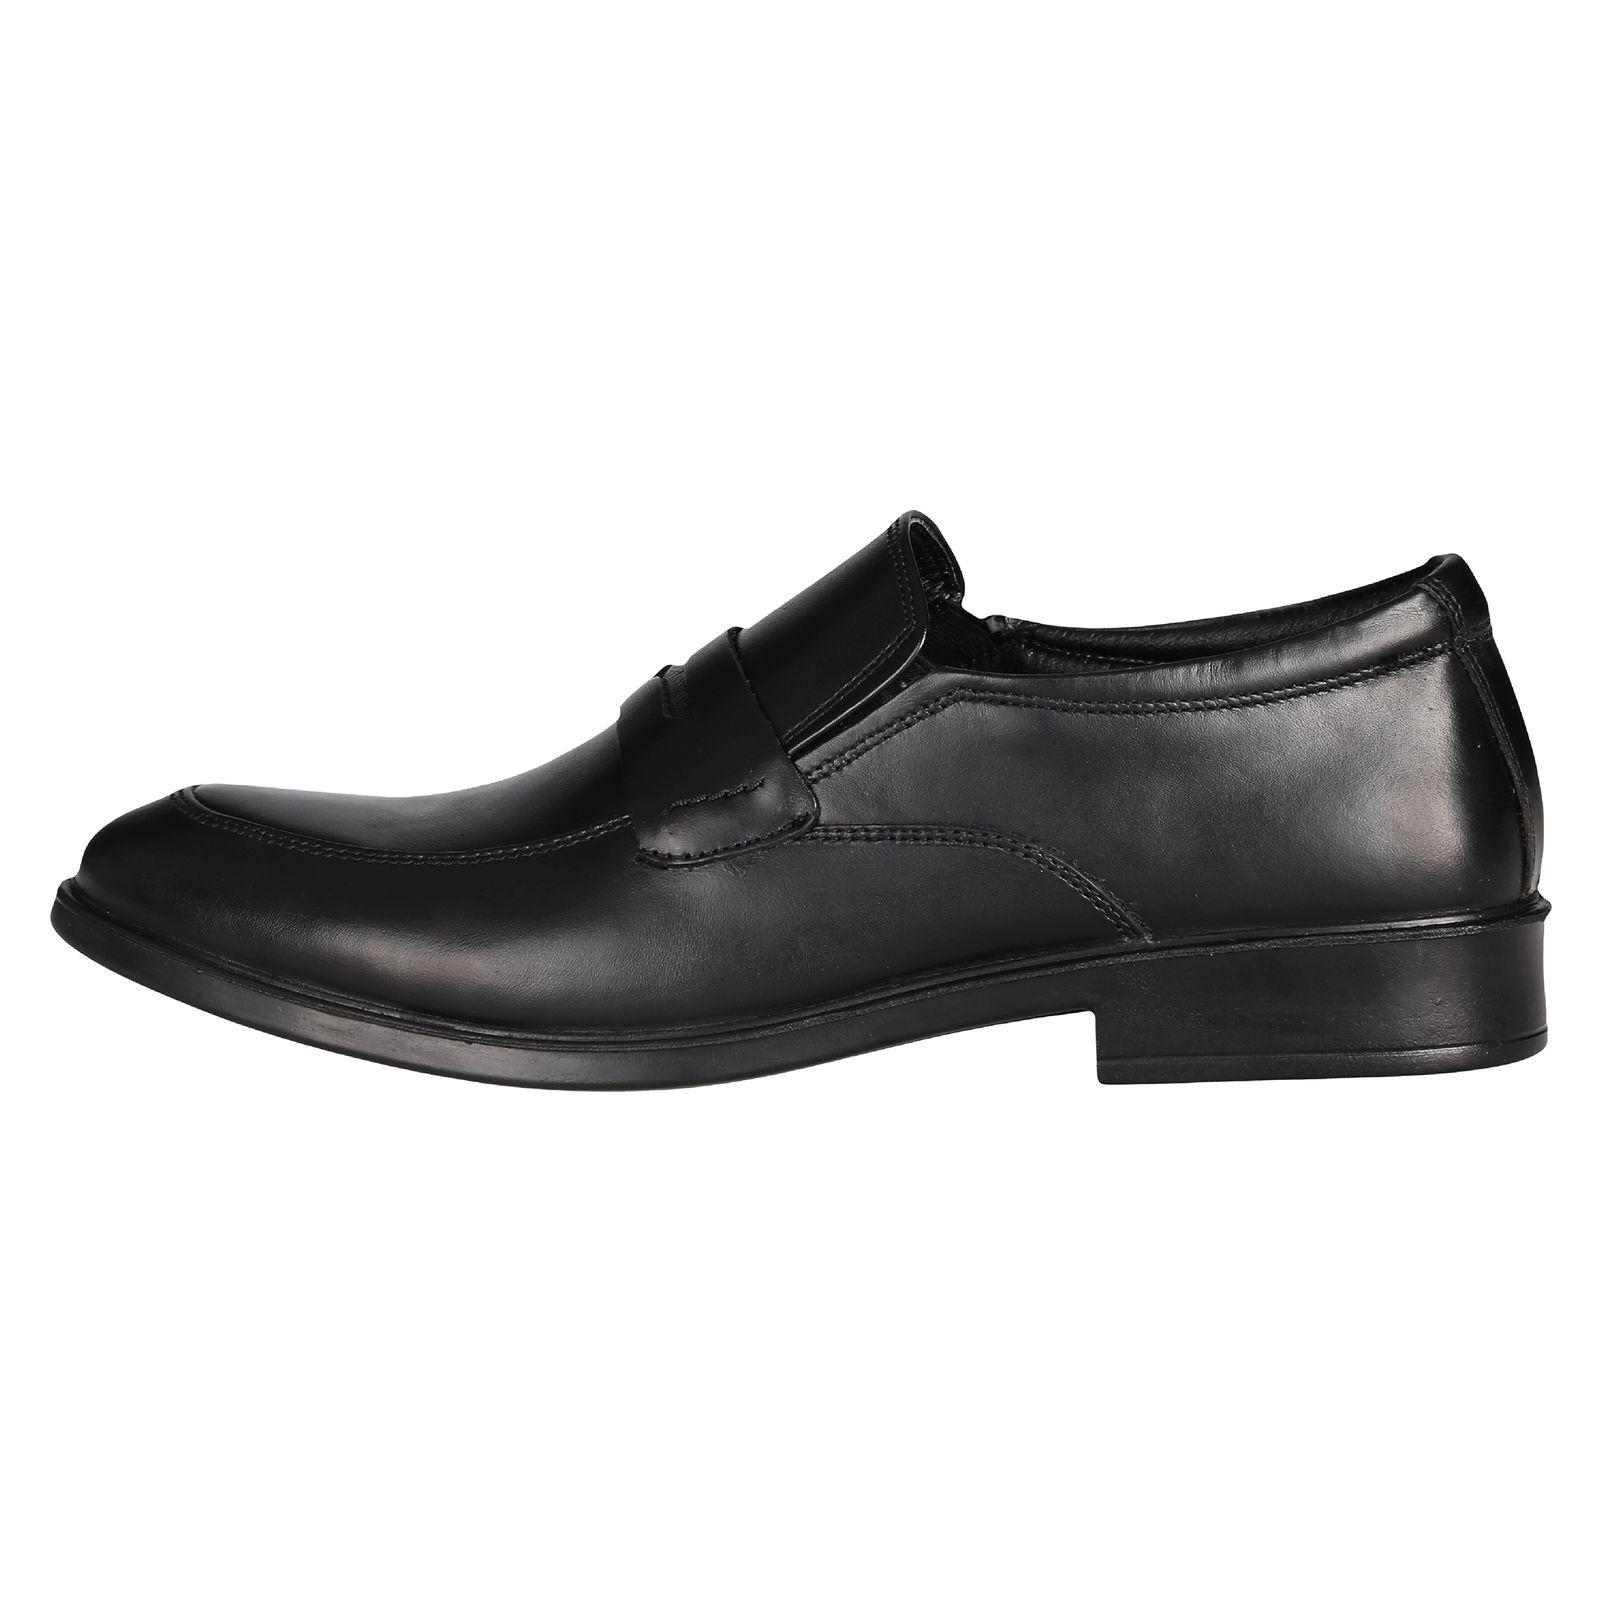 کفش مردانه رادین کد 08 مدل Saati -  - 2